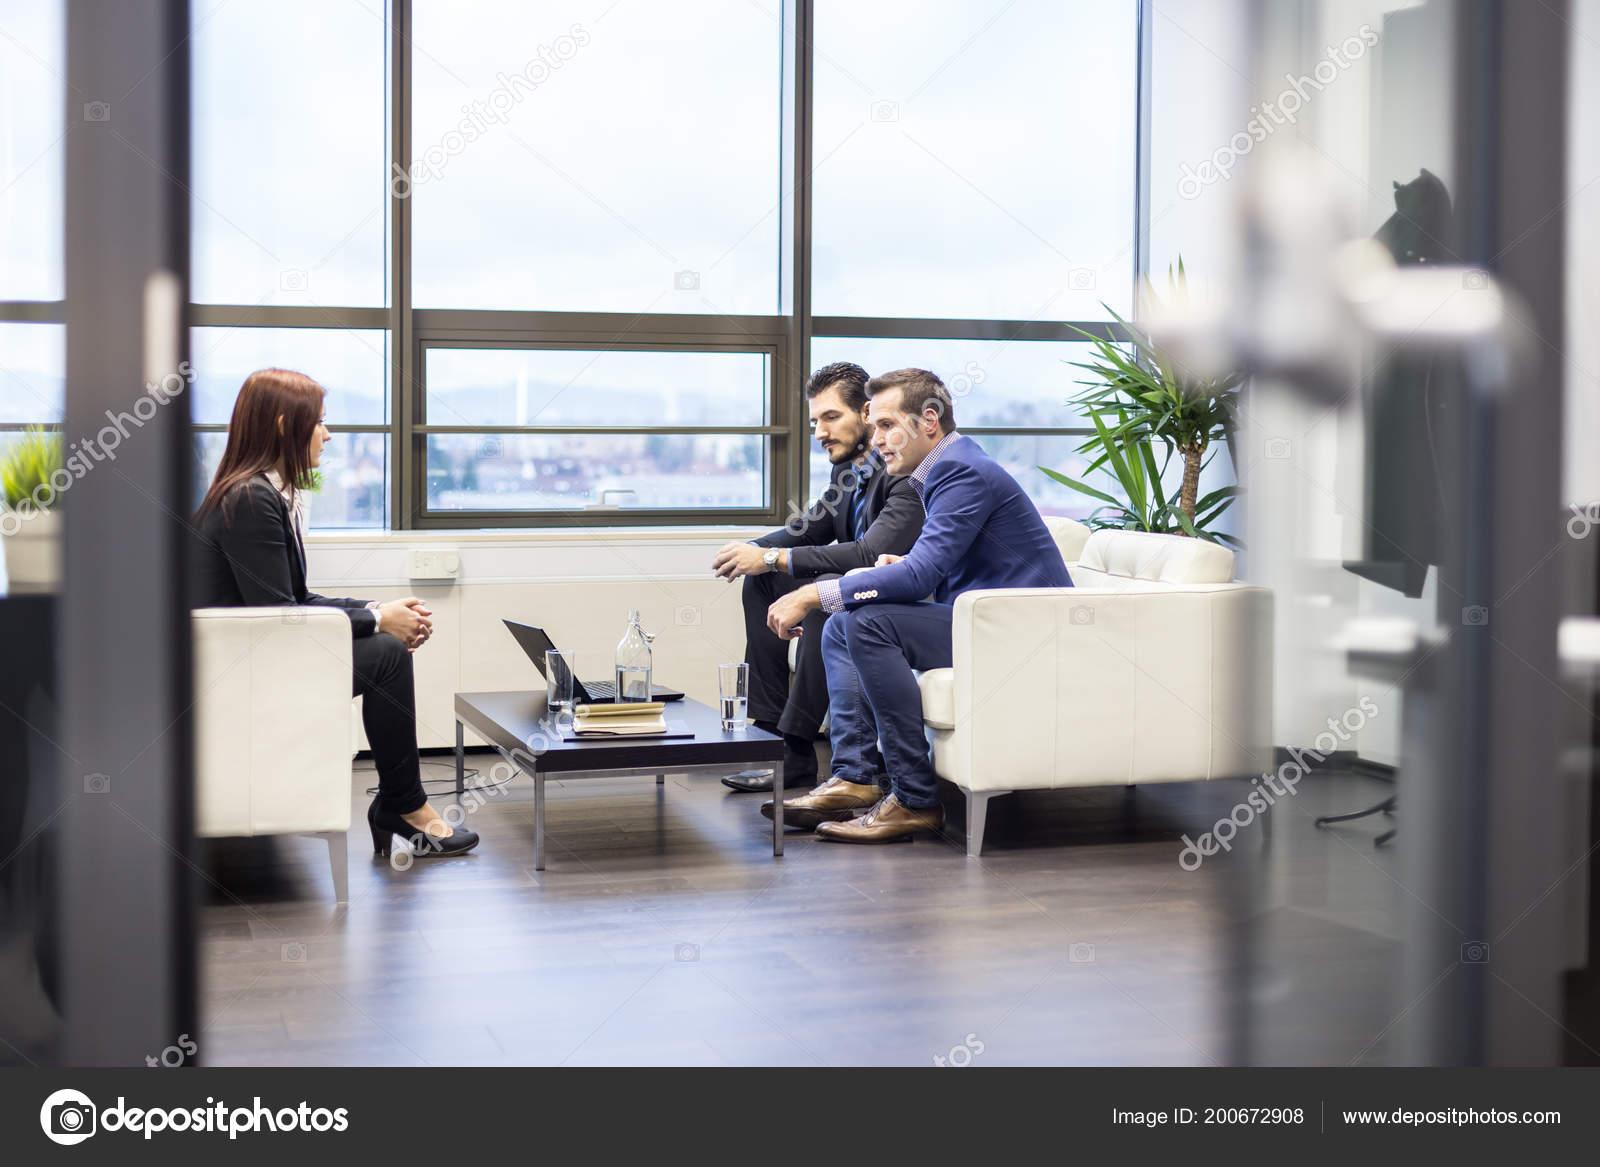 Ufficio Elegante Jobs : Uomini affari intervistando candidato femminile lavoro ufficio